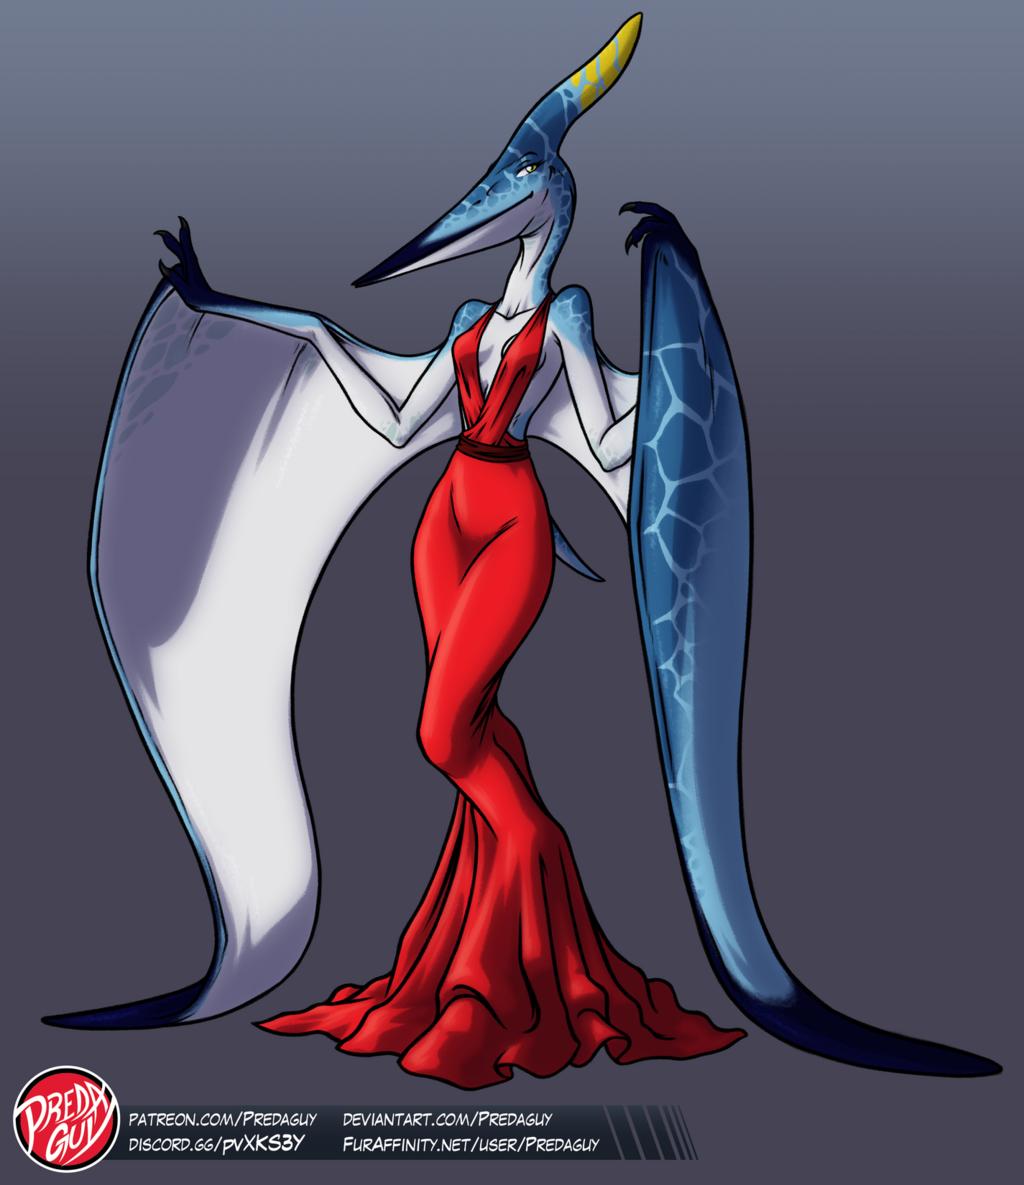 [ADOPTABLE] Pteranodon Girl